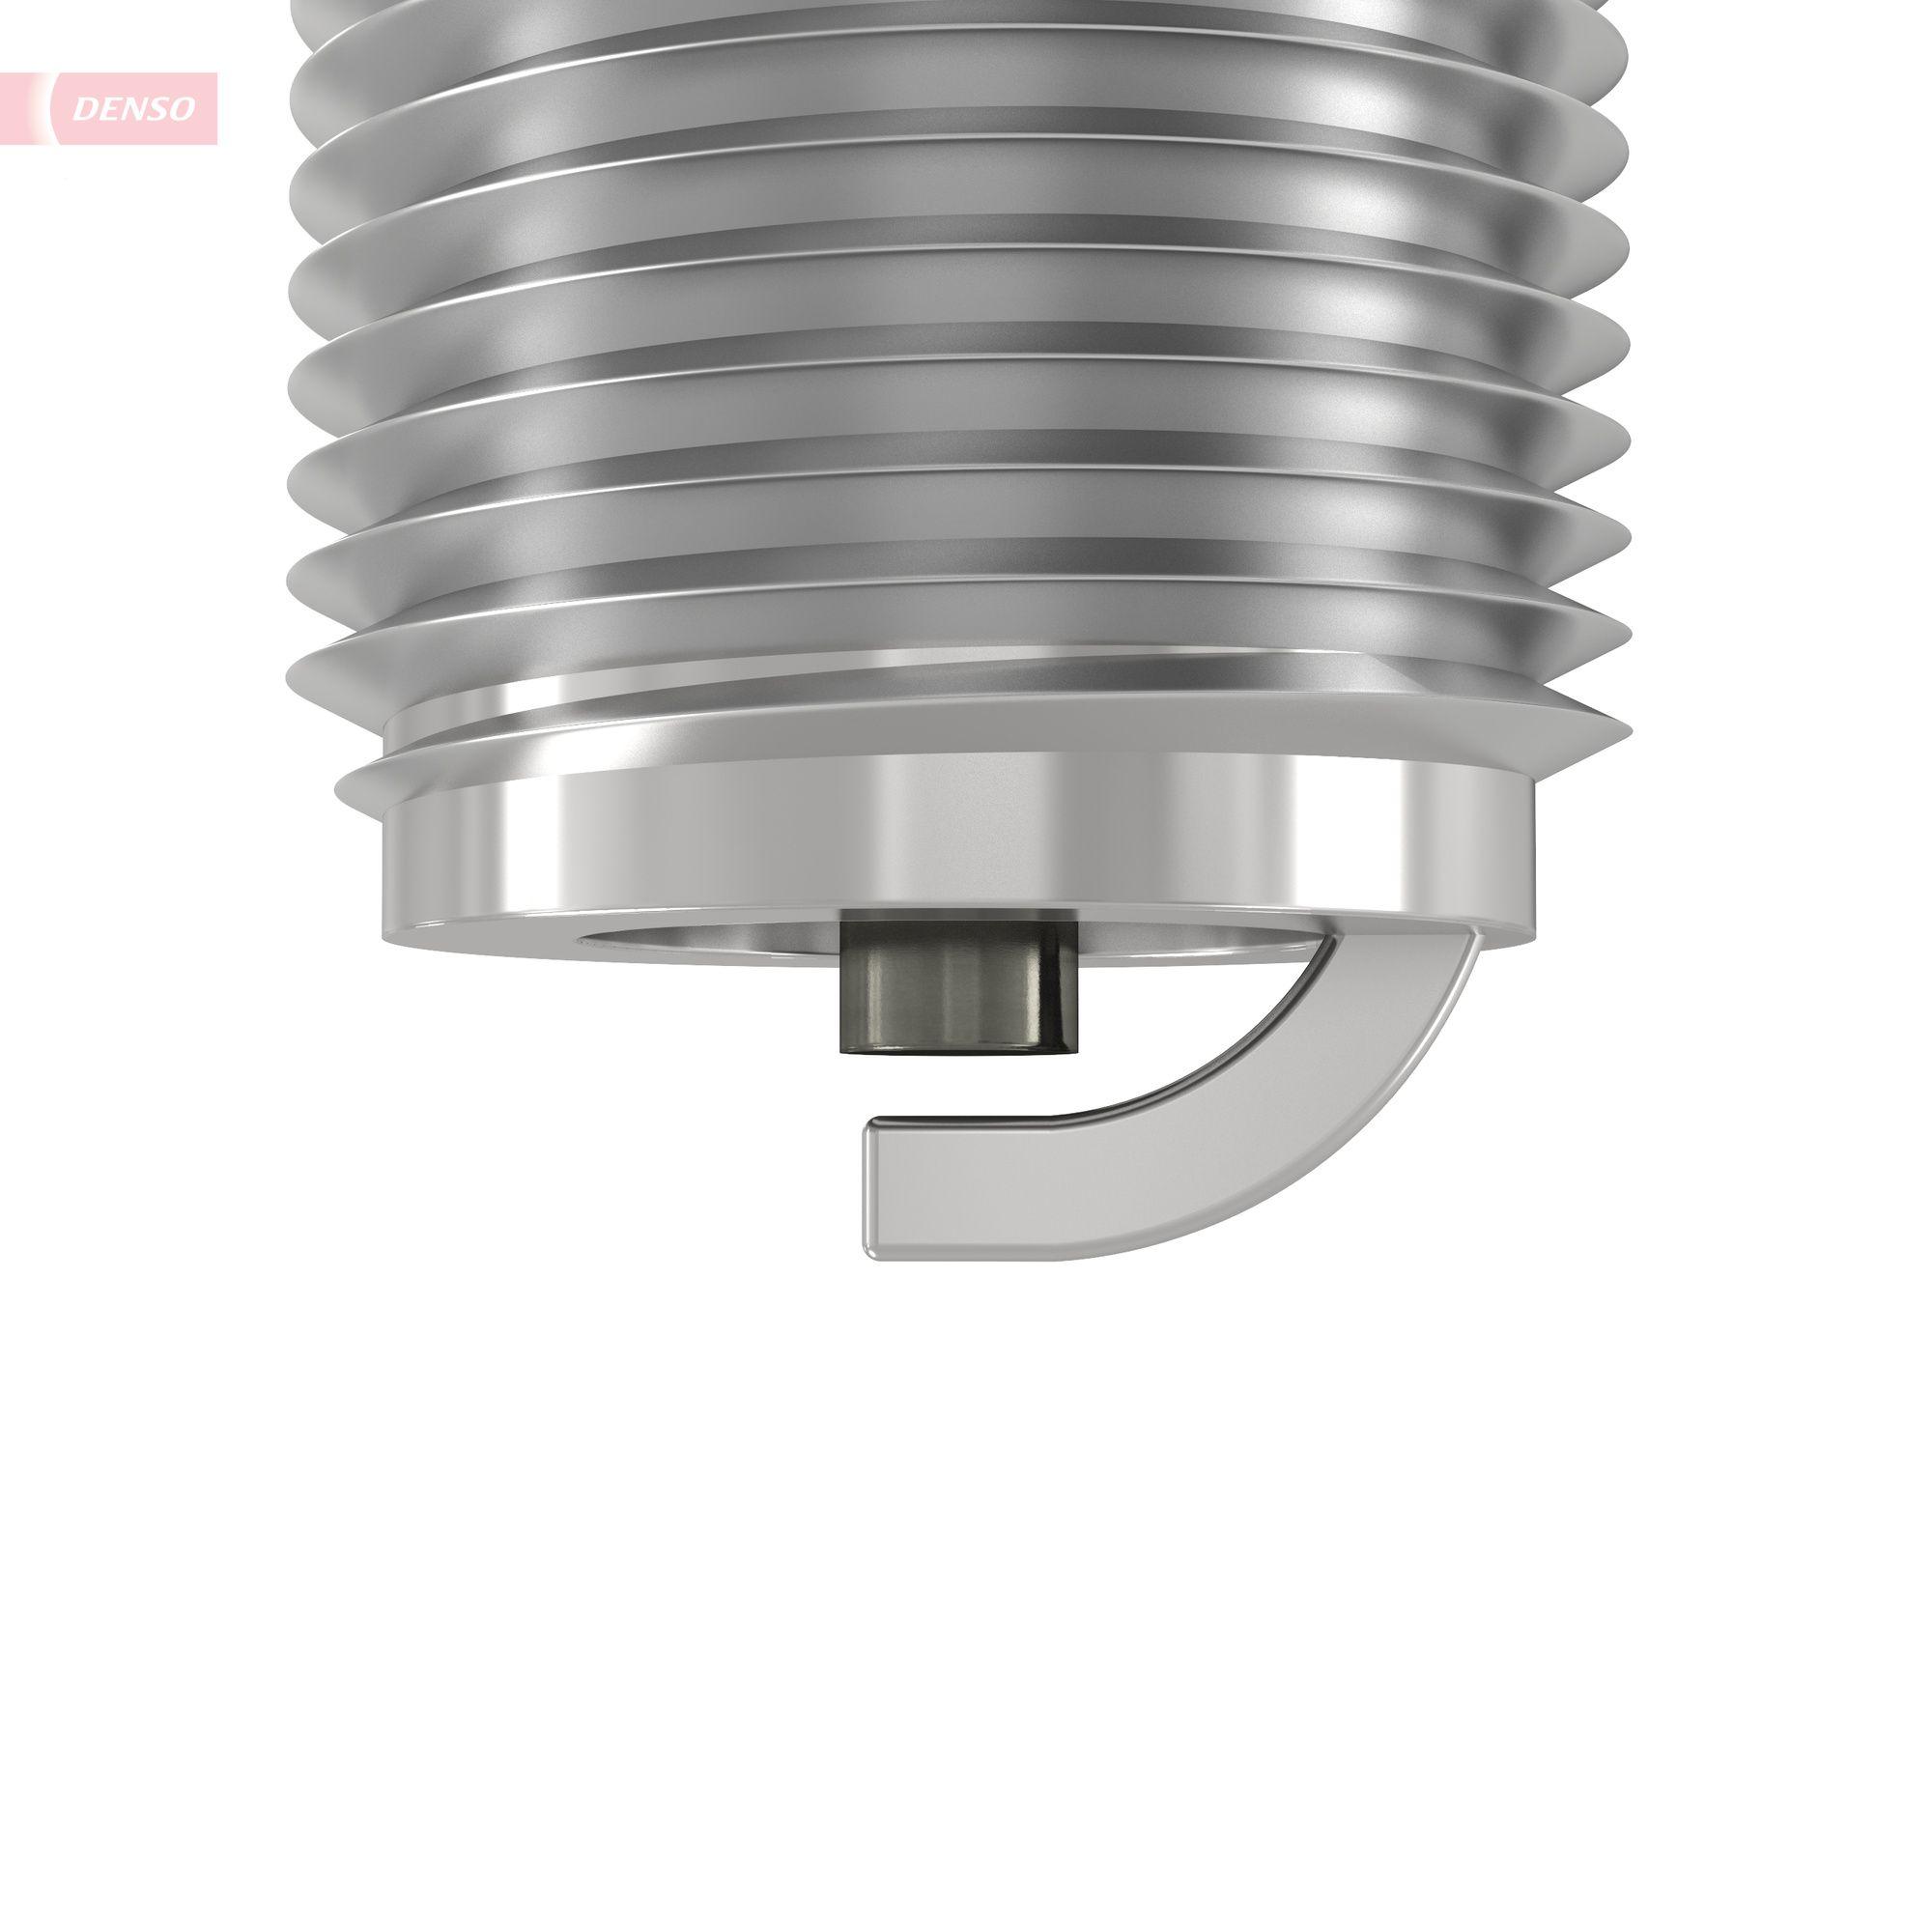 DENSO Nickel Tändstift N.vidd: 20.6 W24FS-U BMW